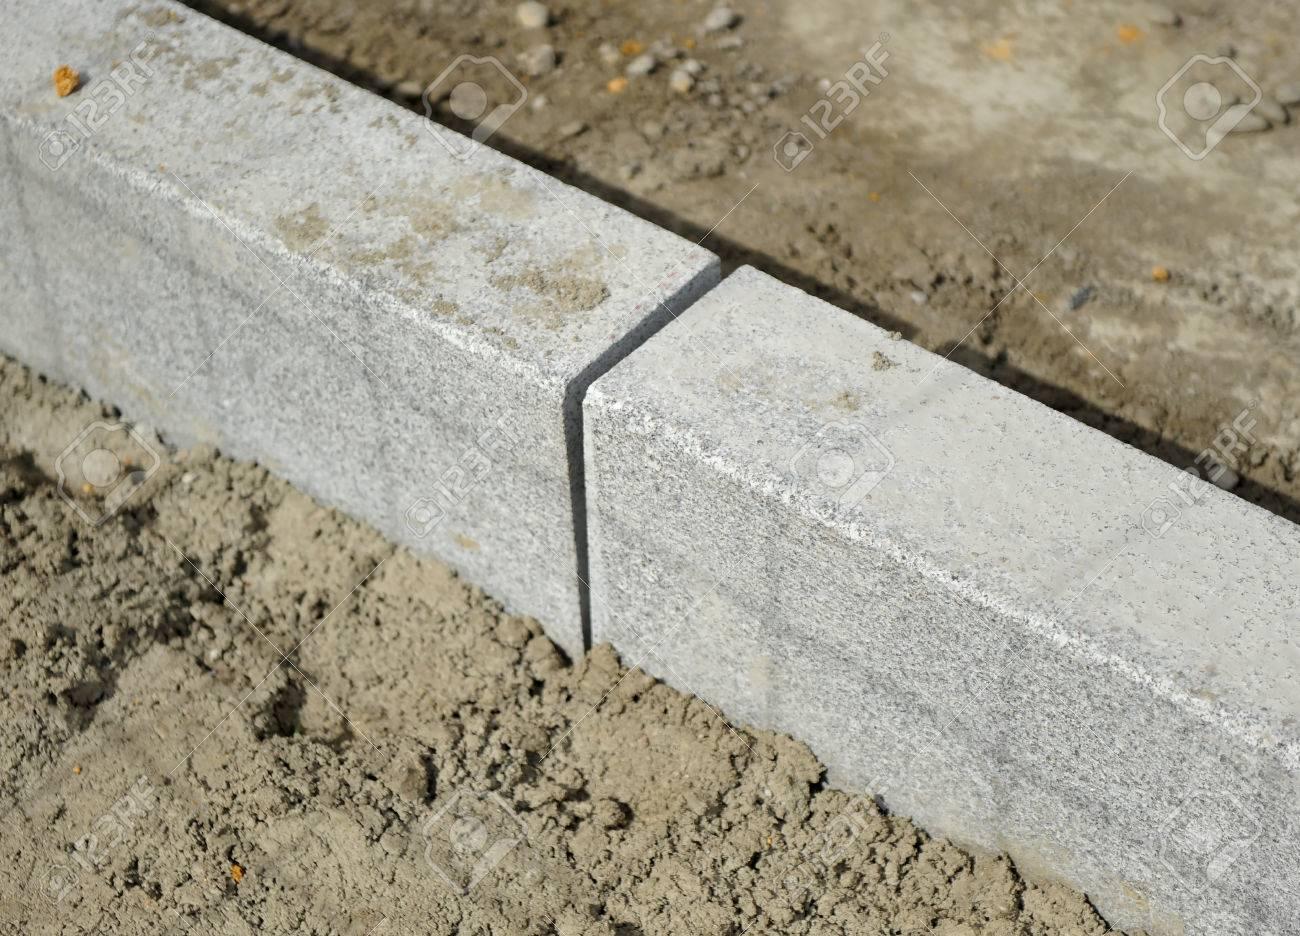 Legen Granit Bordstein Auf Dem Bürgersteig Auf Einer Straße - Granitfliesen legen